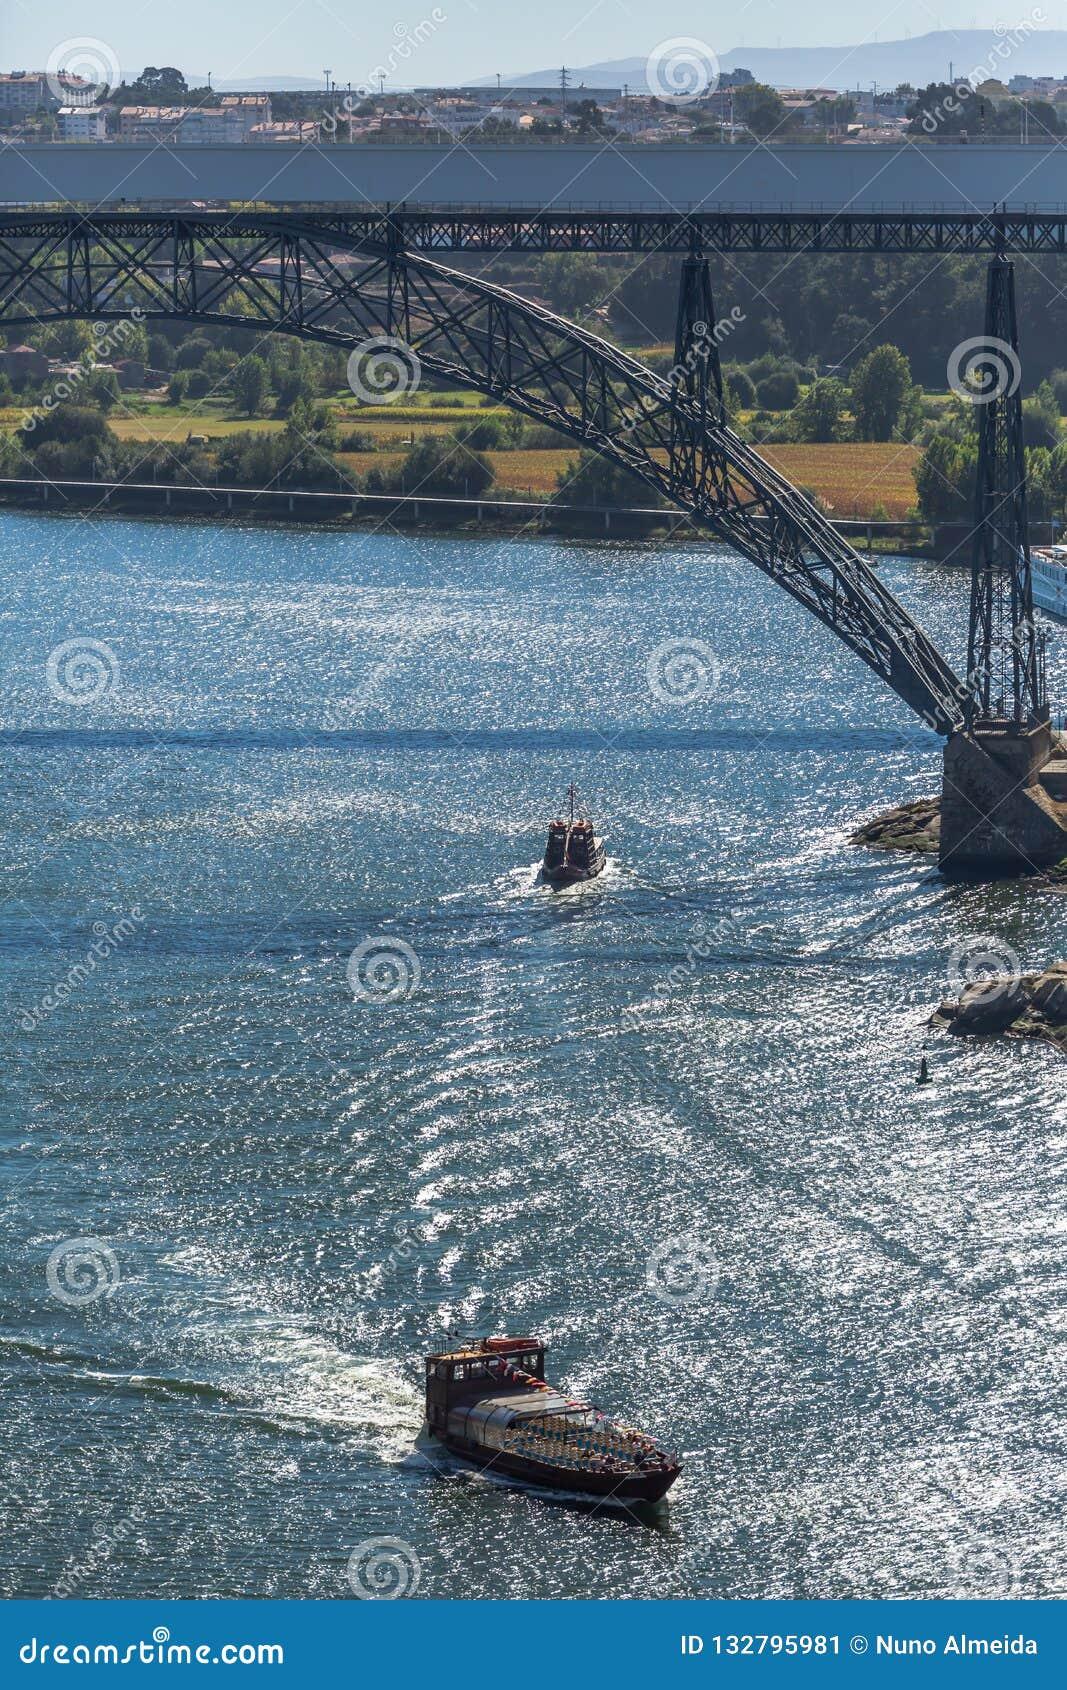 Vista del río el Duero y de los puentes D Maria Pia y el infante, los bancos y los barcos navegando en el río